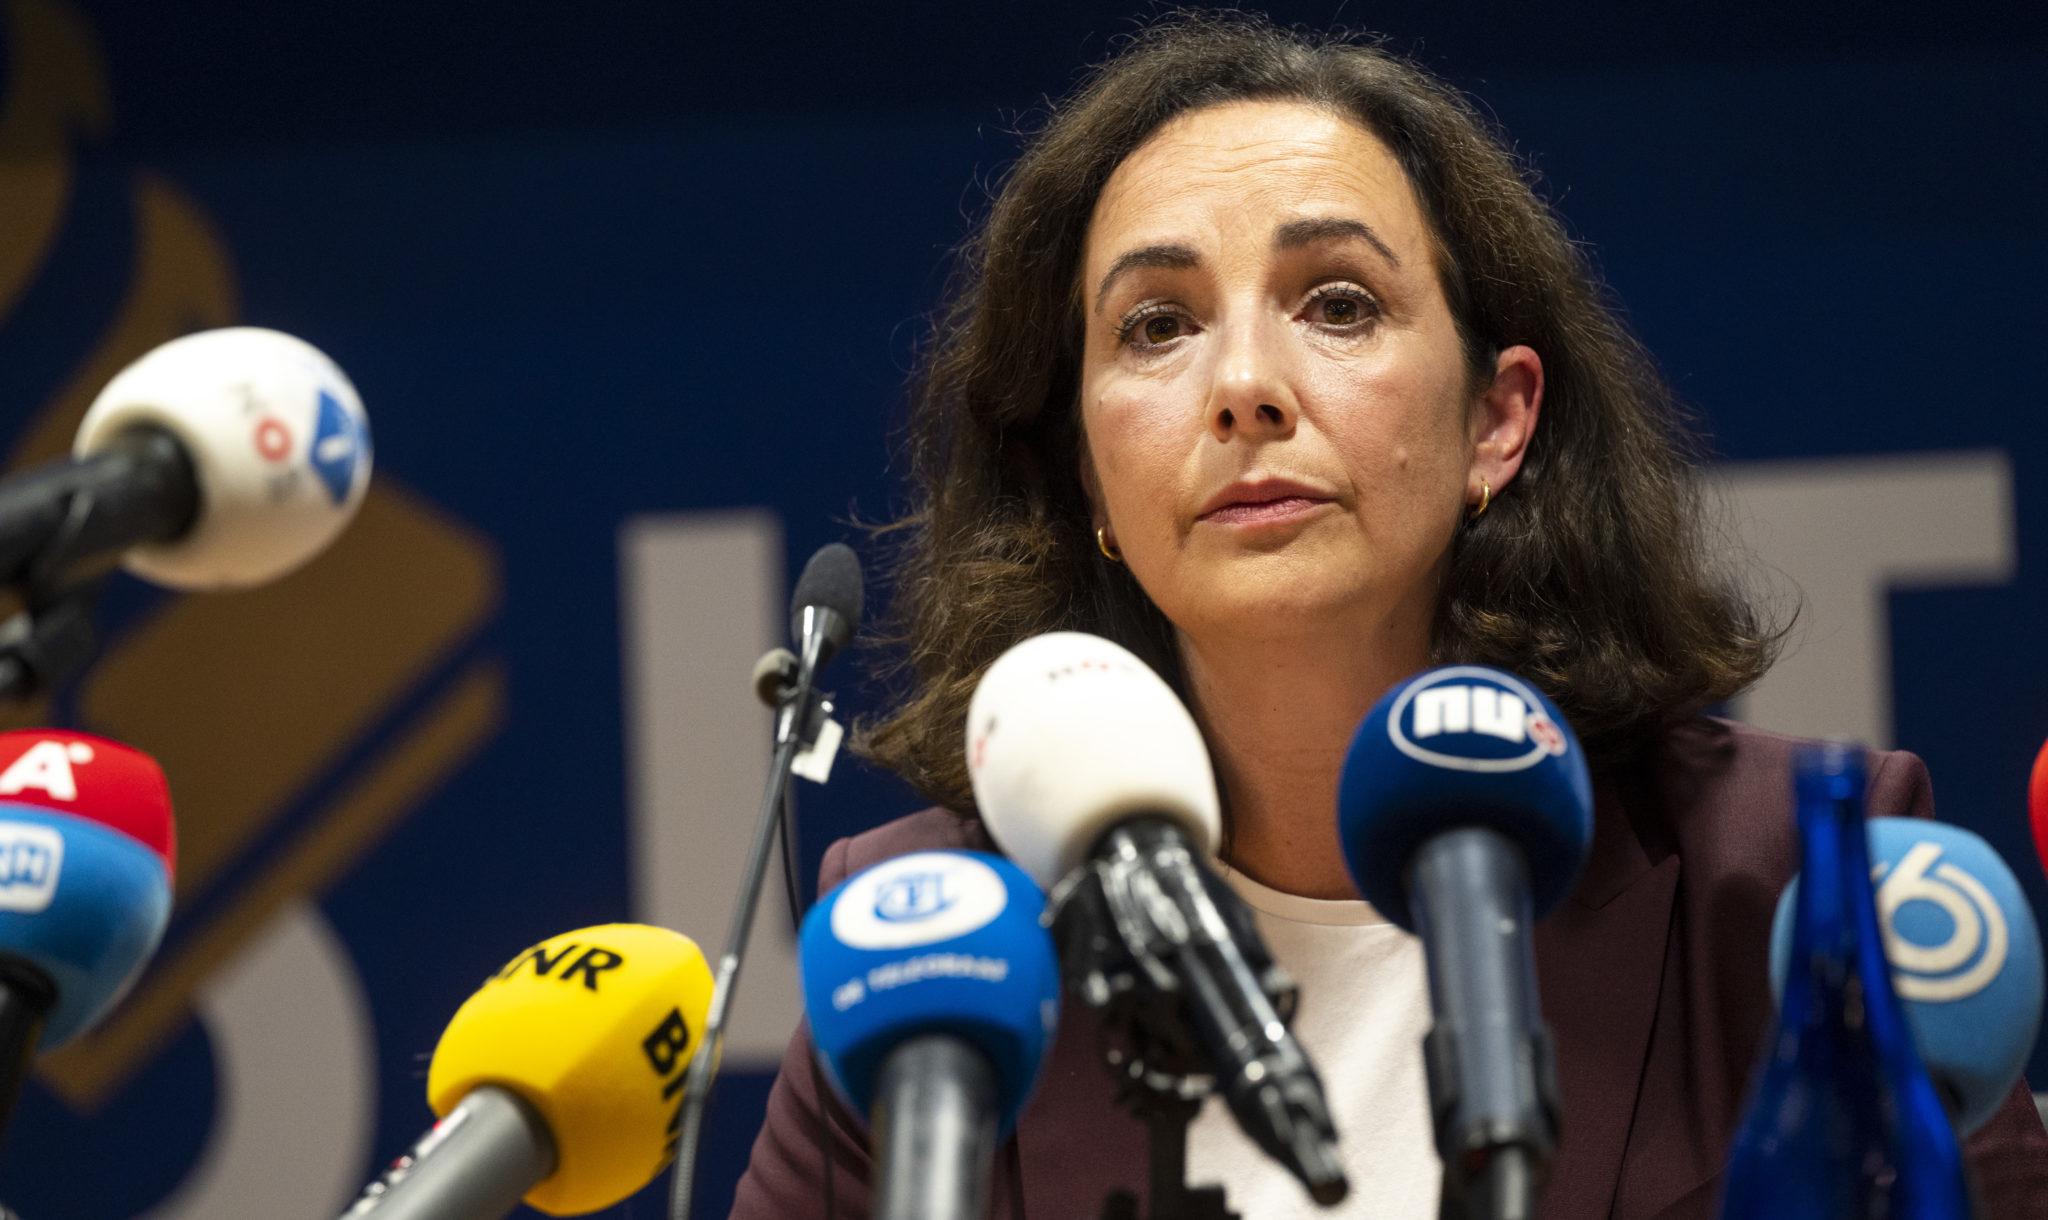 Rapport homodiscriminatie Amsterdam: dader vaak jonge Marokkaan - EW